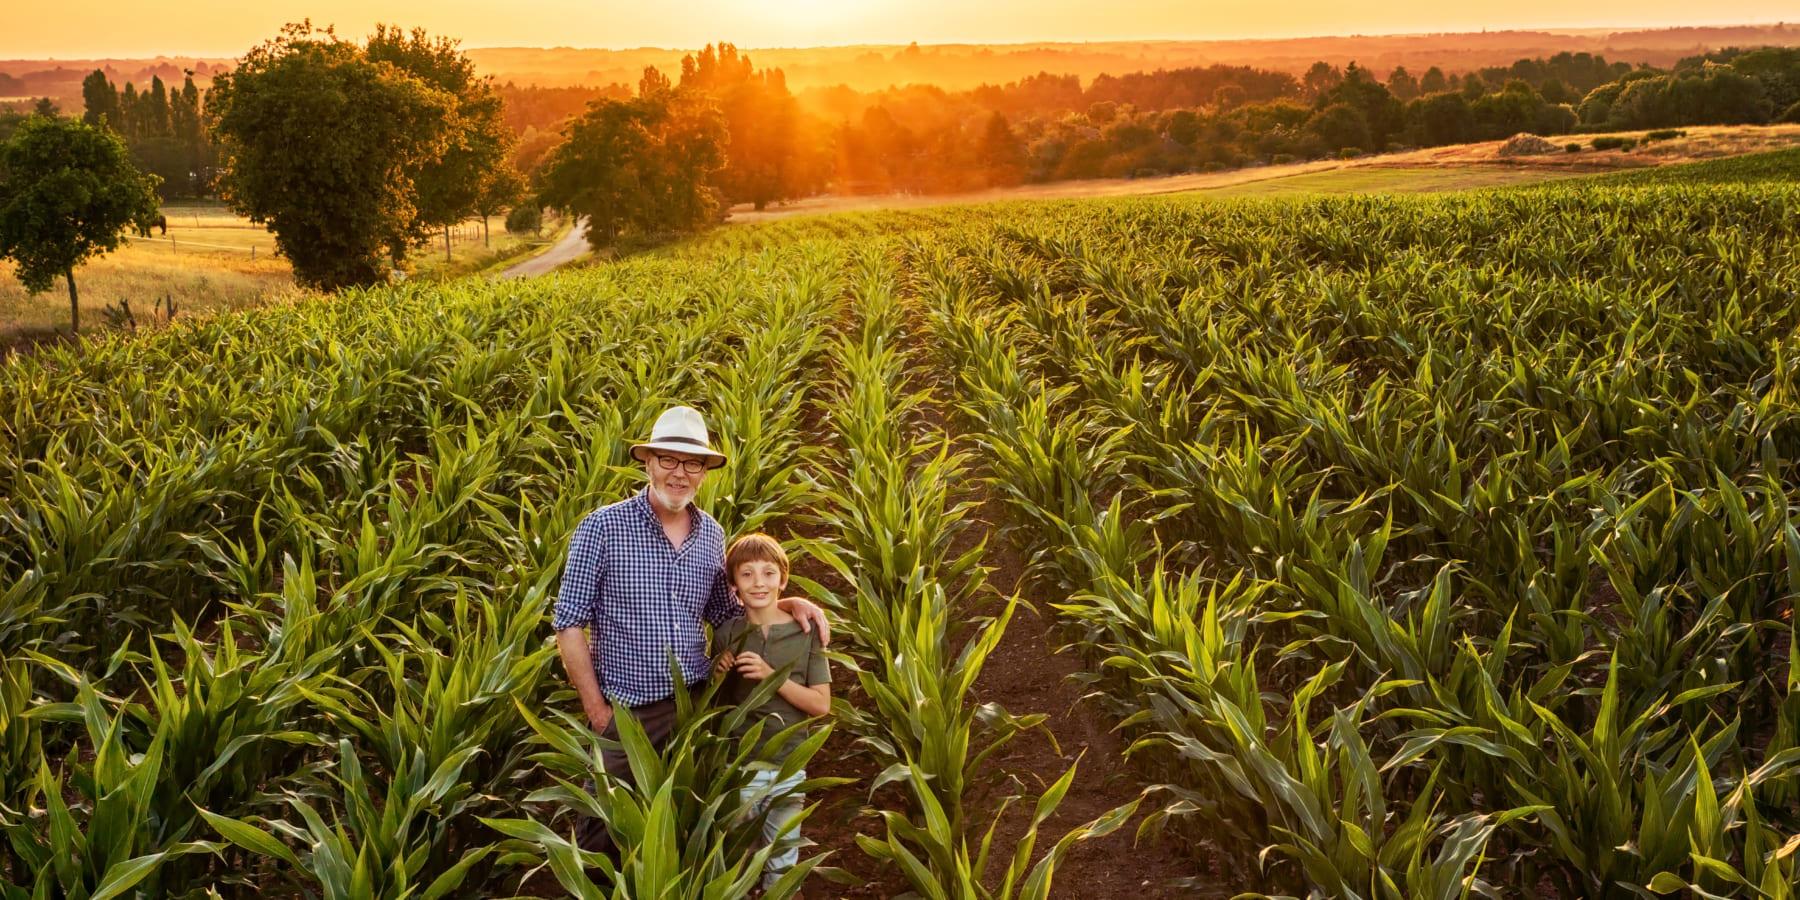 農地に住まずにリジェネラティブ農場を所有できる投資プログラム